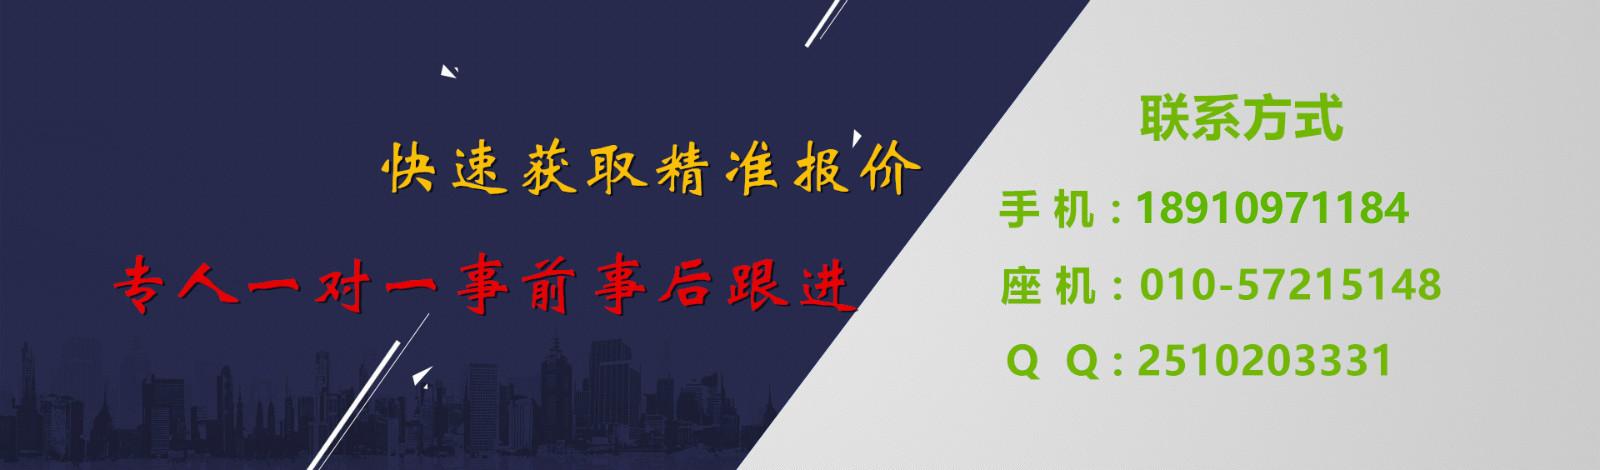 北京资质代办机构